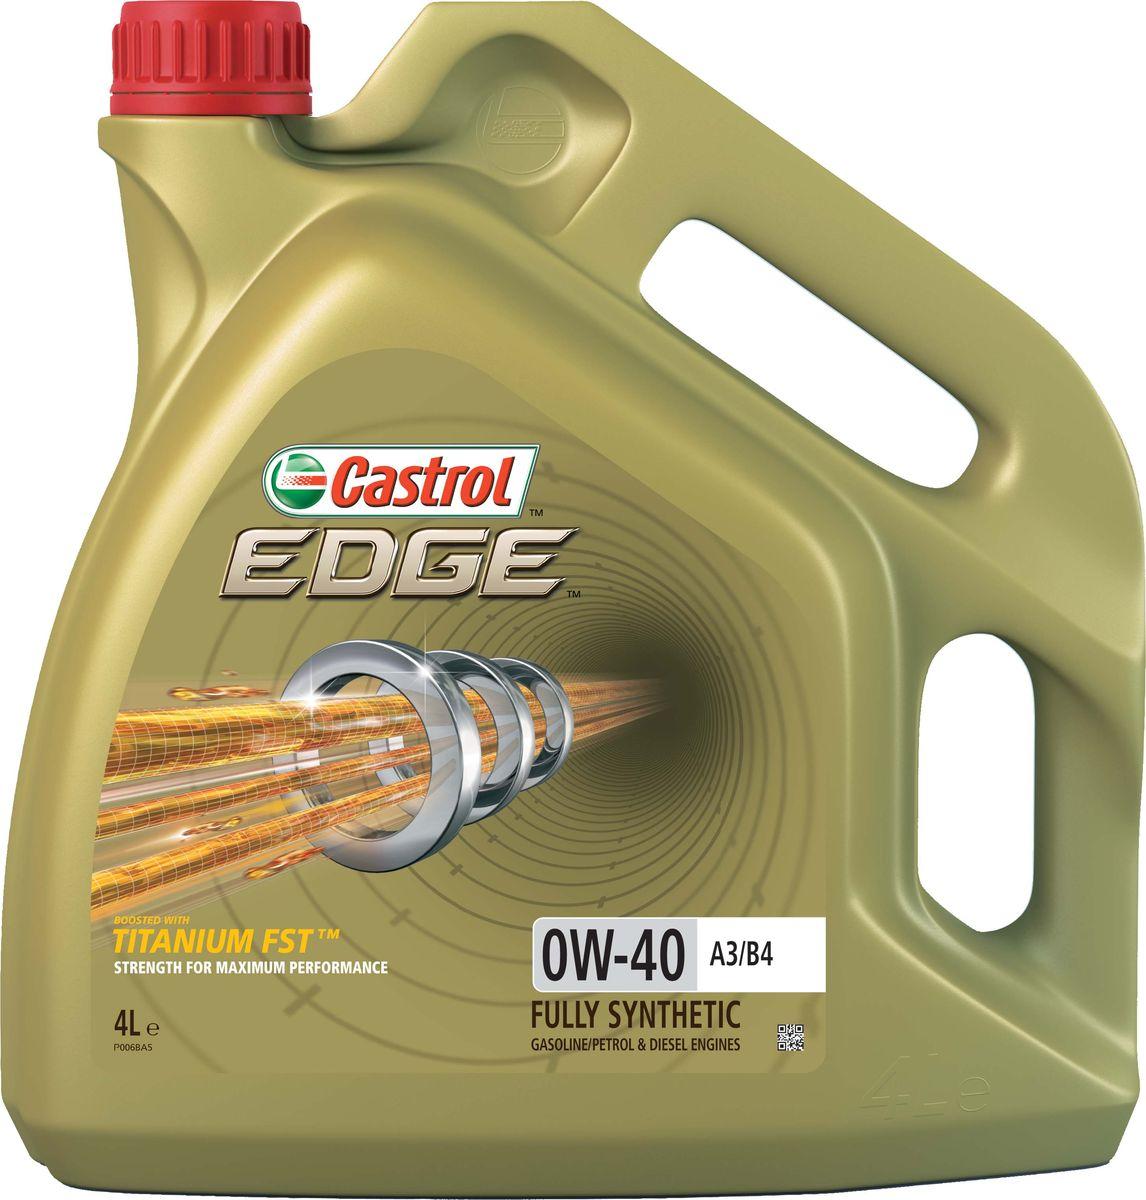 Масло моторное Castrol Edge, синтетическое, класс вязкости 0W-40, A3/B4, 4 л. 156E8C156E8CПолностью синтетическое моторное масло Castrol Edge произведено с использованием новейшей технологии TITANIUM FST™, придающей масляной пленке дополнительную силу и прочность благодаря соединениям титана.TITANIUM FST™ радикально меняет поведение масла в условиях экстремальных нагрузок, формируя дополнительный ударопоглащающий слой. Испытания подтвердили, что TITANIUM FST™ в 2 раза увеличивает прочность пленки, предотвращая ее разрыв и снижая трение для максимальной производительности двигателя.С Castrol Edge ваш автомобиль готов к любым испытаниям независимо от дорожных условий.Castrol Edge предназначено для бензиновых и дизельных двигателей автомобилей,где производитель рекомендует моторные масла класса вязкости SAE 0W-40 спецификаций ACEA A3/B3, A3/B4, API SN/CF или более ранних. Castrol Edge одобрено к применению ведущими производителями техники.Castrol Edge обеспечивает надежную и максимально эффективную работу современных высокооборотных двигателей производителей спортивной и тюнингованной техники, а также автомобилей класса люкс, требующих высокого уровня защиты и использованиямаловязких масел с повышенными эксплуатационными характеристиками.Castrol Edge:- поддерживает максимальную мощность двигателя, как в краткосрочном периоде времени, так и на длительный срок эксплуатации;- повышает КПД двигателя (независимо подтверждено);- обеспечивает непревзойденный уровень защиты мотора в разных условиях движения и широком диапазоне температур;- подавляет образование отложений, способствуя повышению скорости реакции двигателя на нажатие педали акселератора;- превышает жесткие требования к эксплуатационным свойствам моторных масел,устанавливаемые стандартами премиальных брендов производителей техники, включаявсе модели FPV, престижные марки европейских и японских автомобилей.Спецификации:ACEA A3/B3, A3/B4,API SN/CF,BMW Longlife-01,Meets Ford WSS-M2C937-A,MB-Approval 229.3/ 229.5,Pors